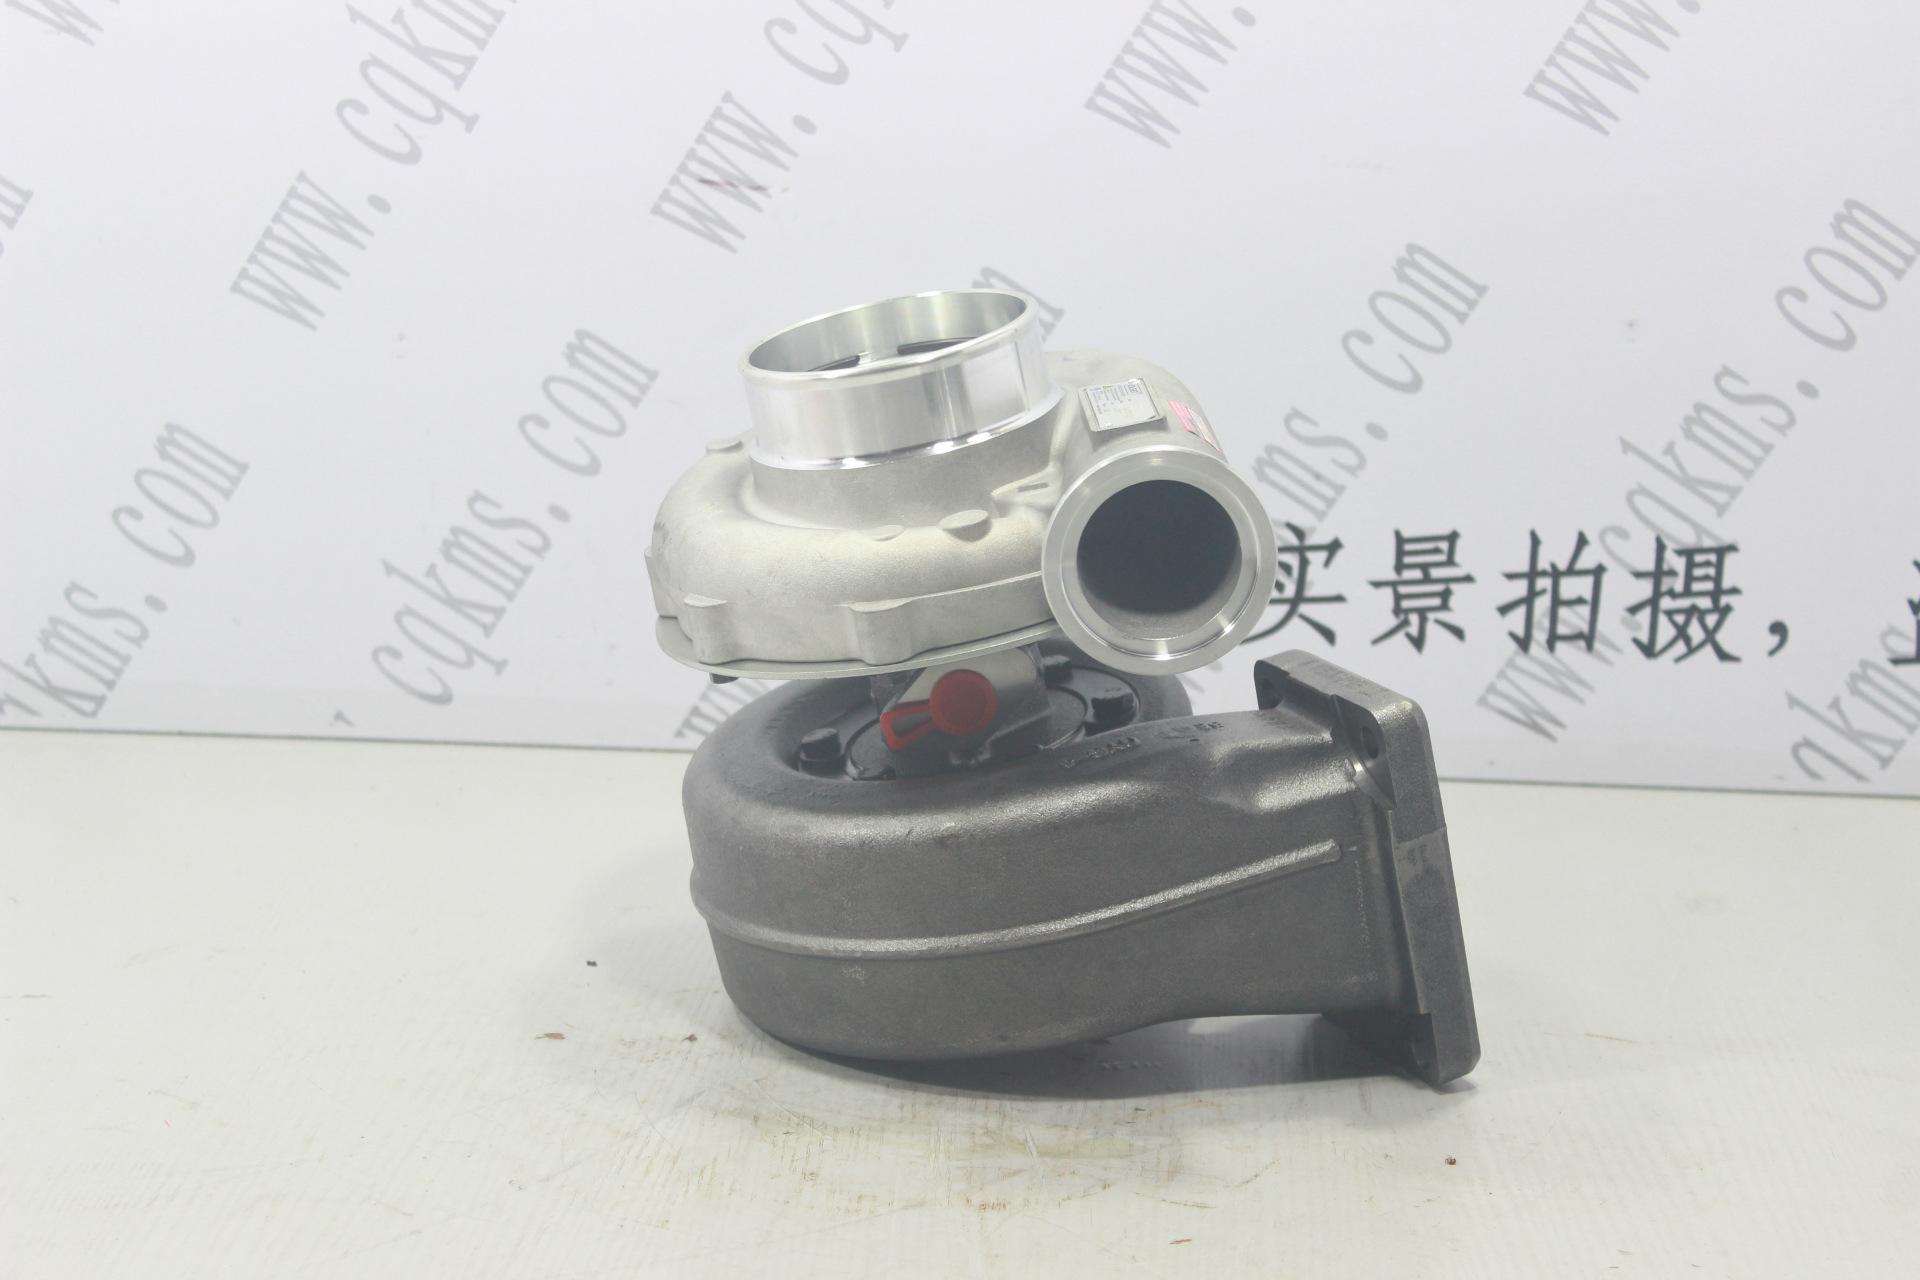 kms00411-2834275-M11-G3霍尔塞特增压器---参考规格17kg-图片4